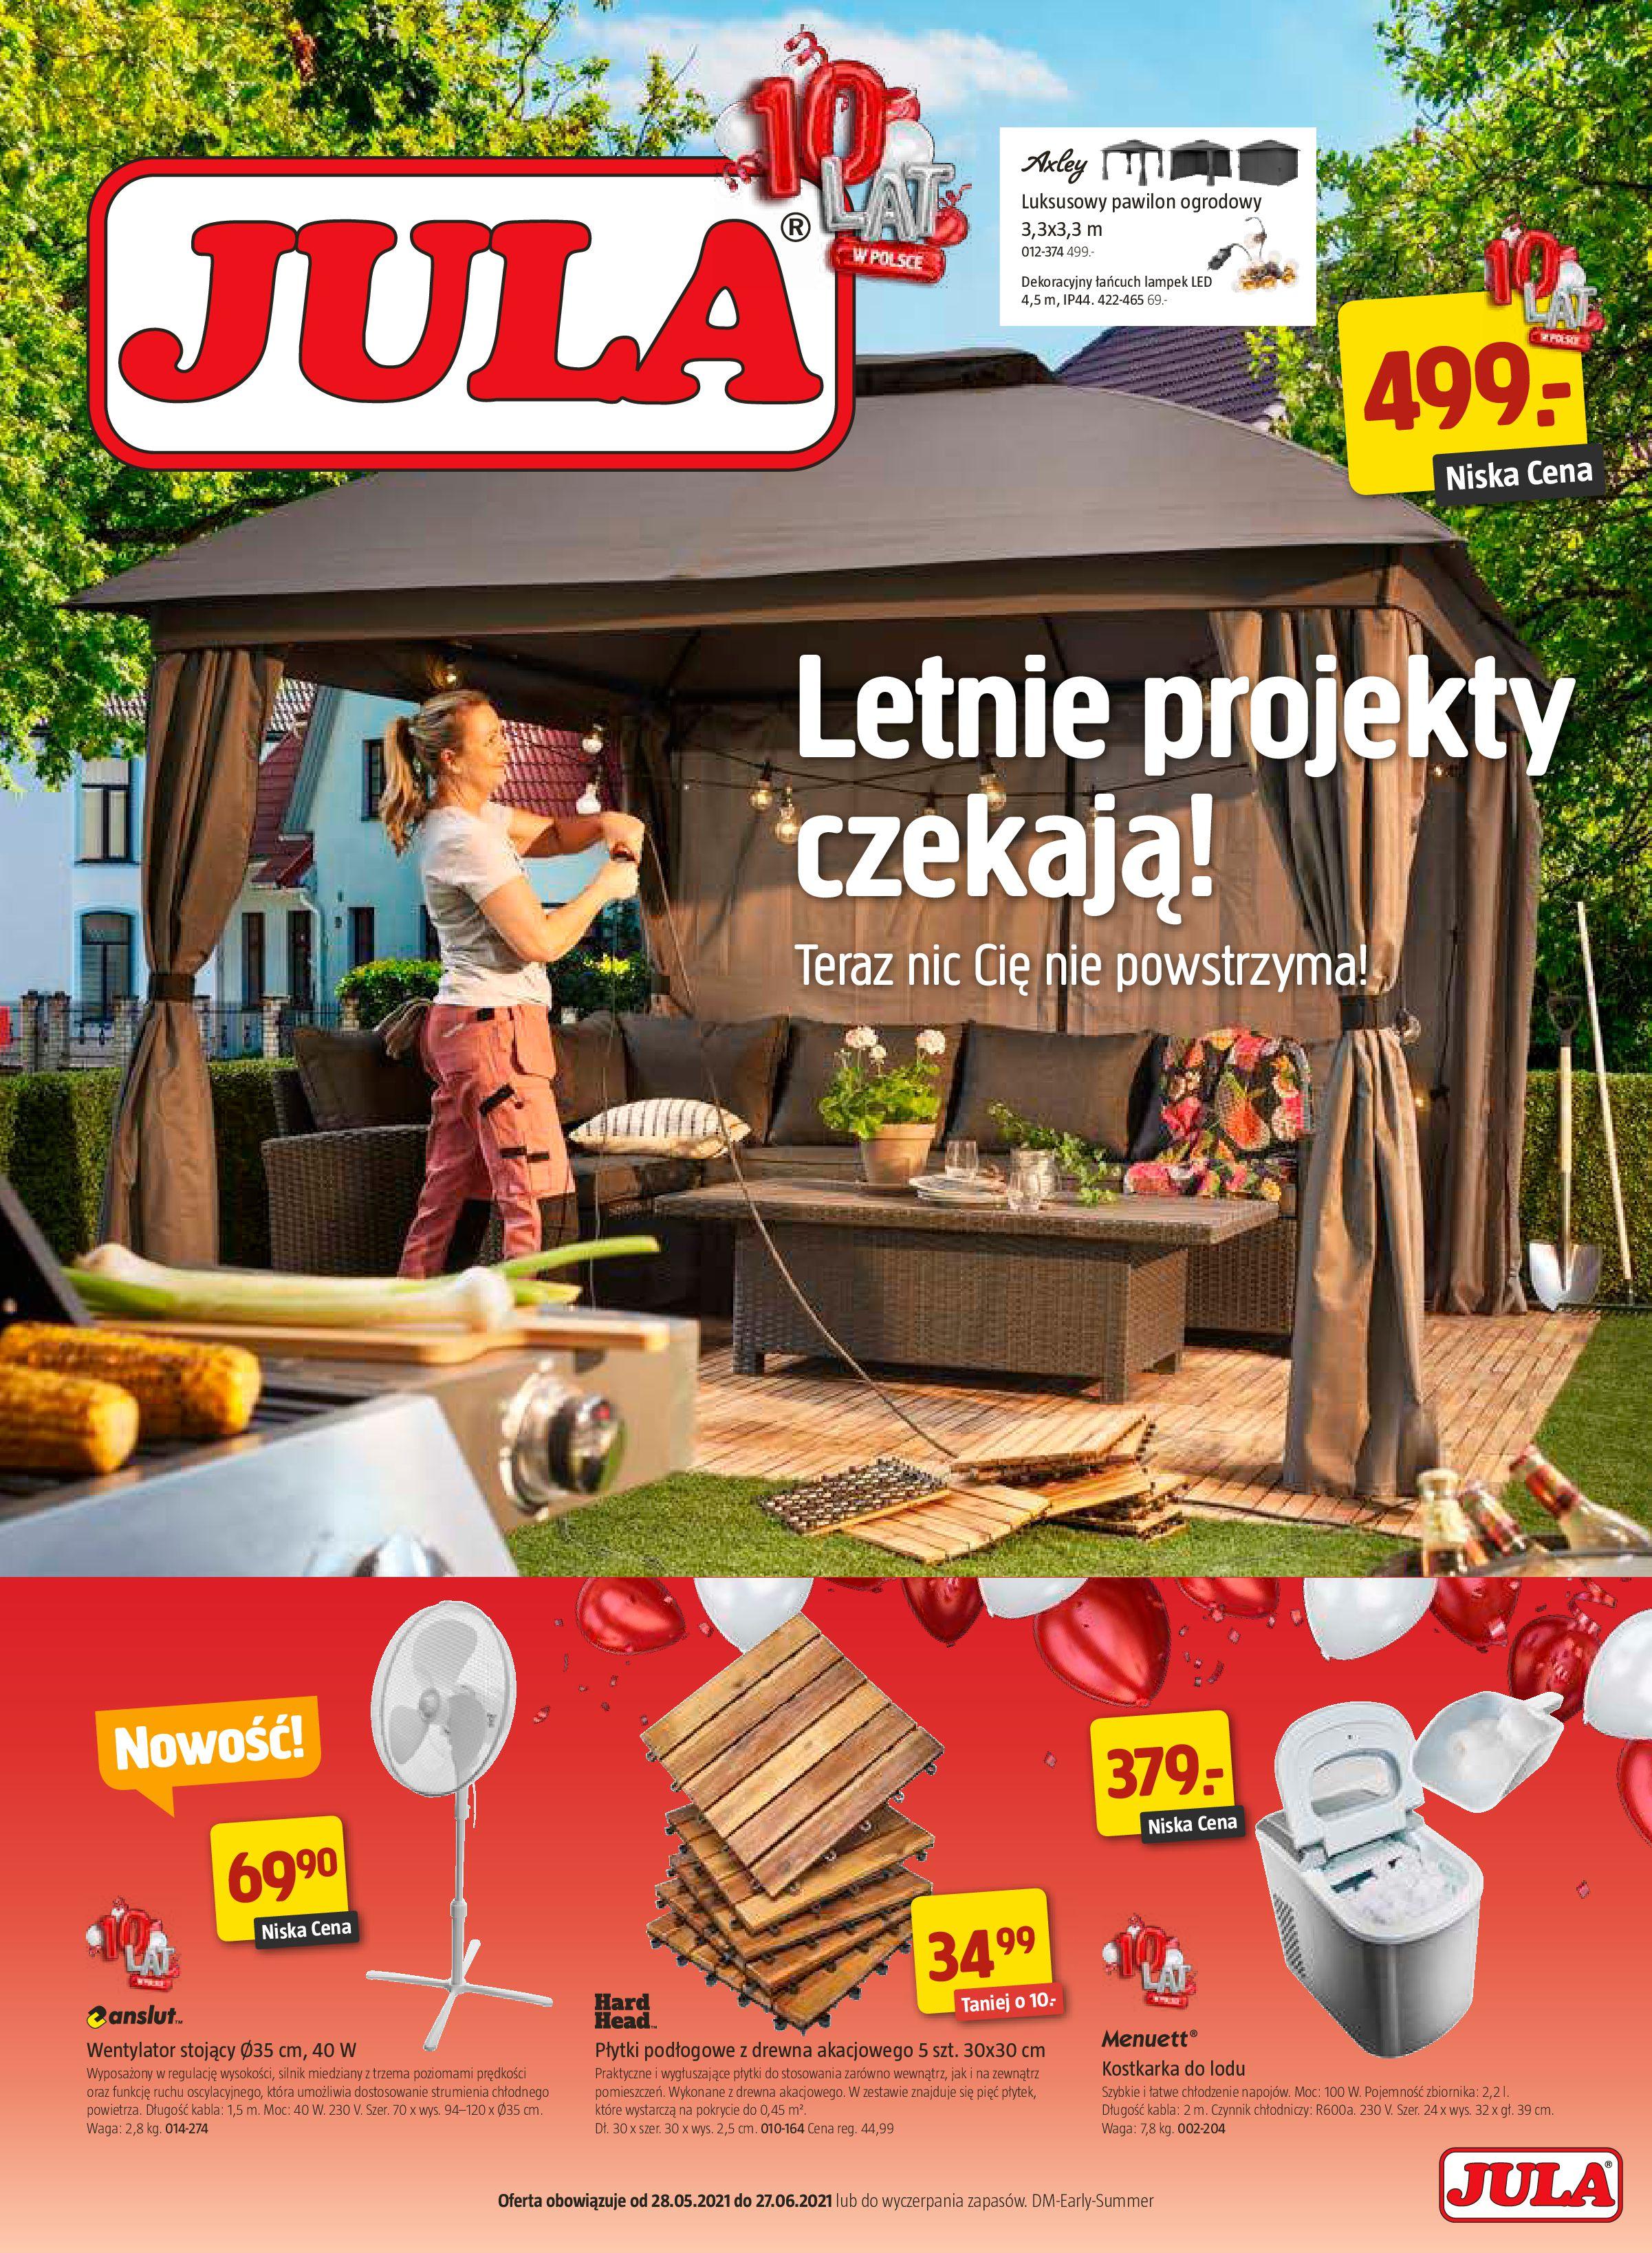 Jula:  Katalog Jula 27.05.2021